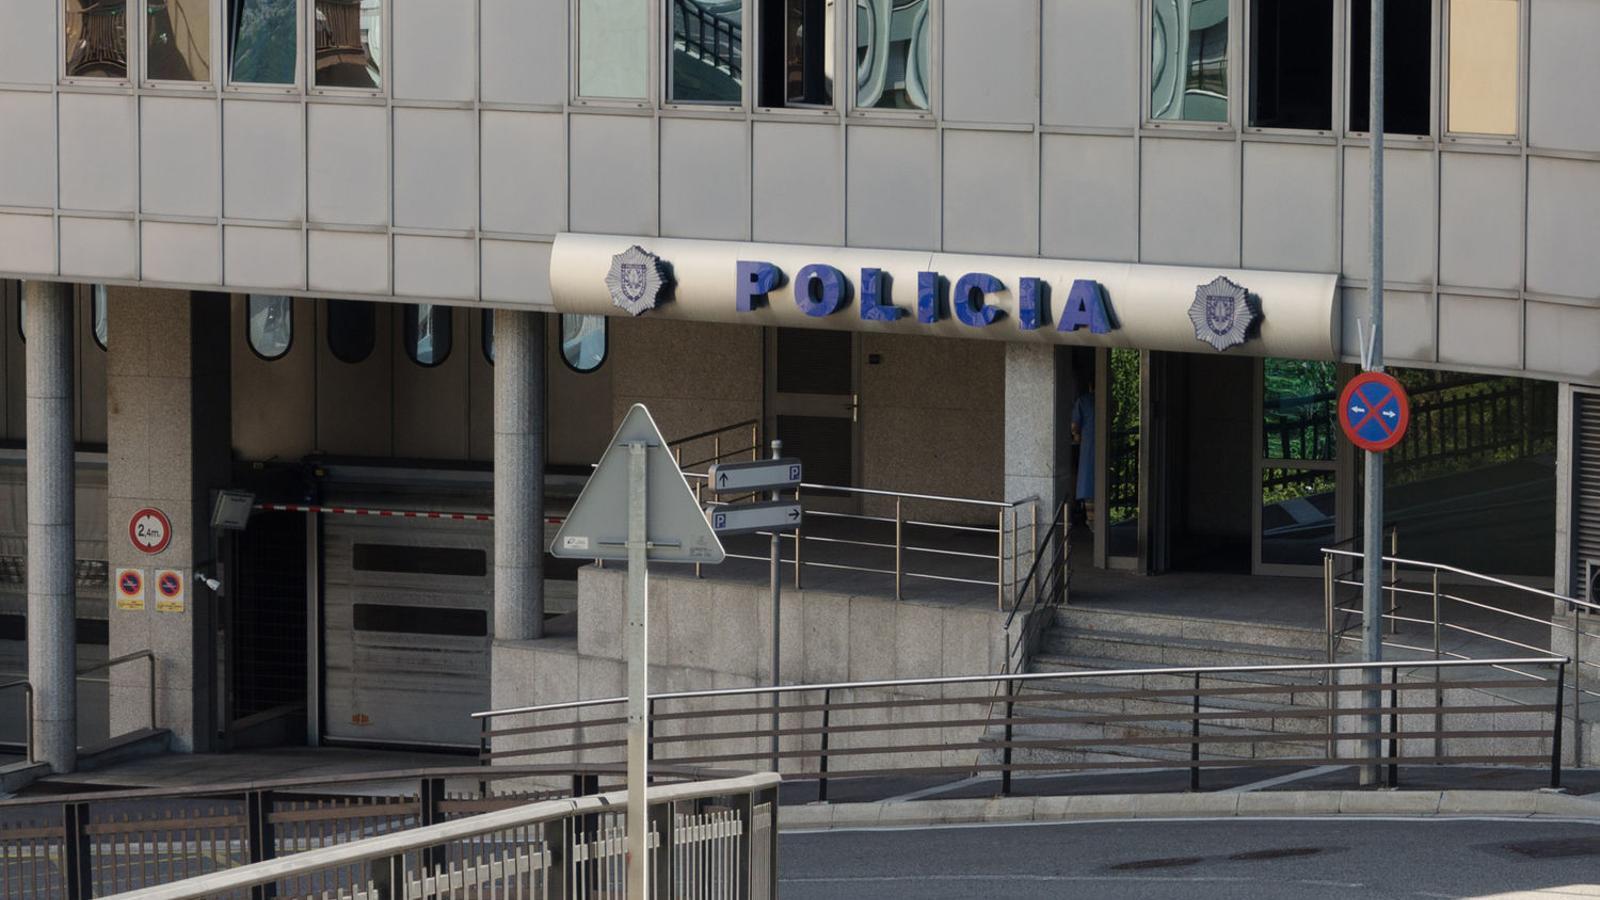 L'edifici de la policia. / Arxiu ANA